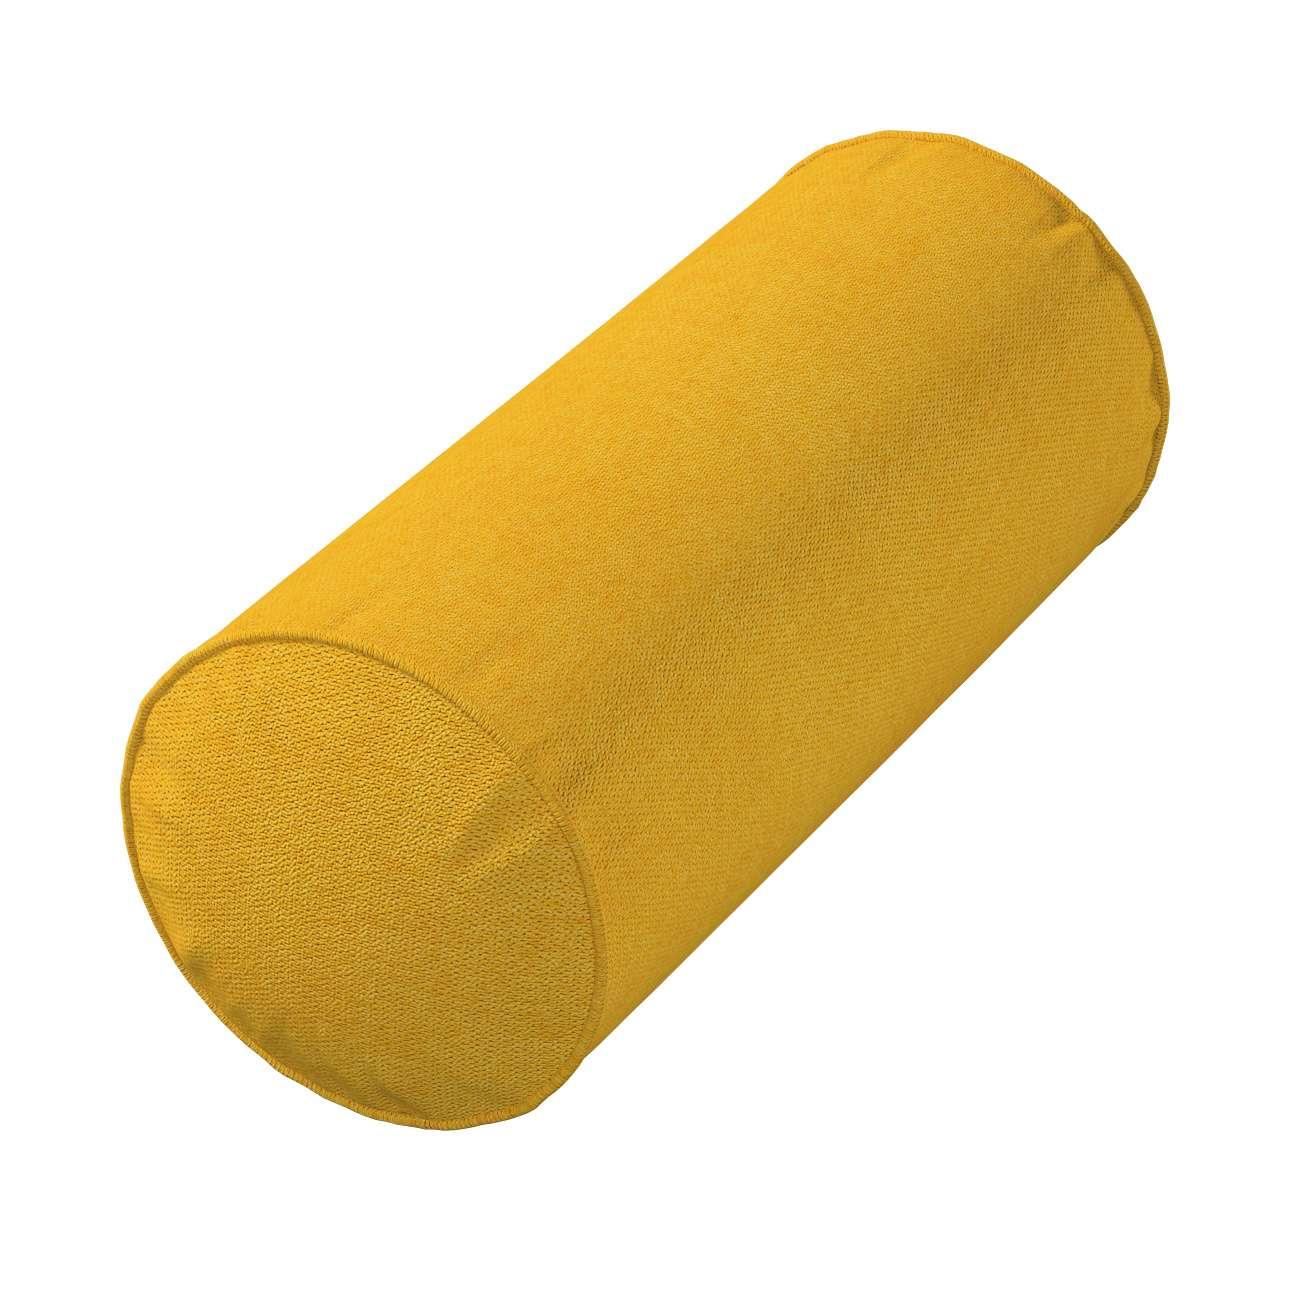 Ektorp pagalvėlės užvalkalas Ektorp pagalvėlė kolekcijoje Etna , audinys: 705-04